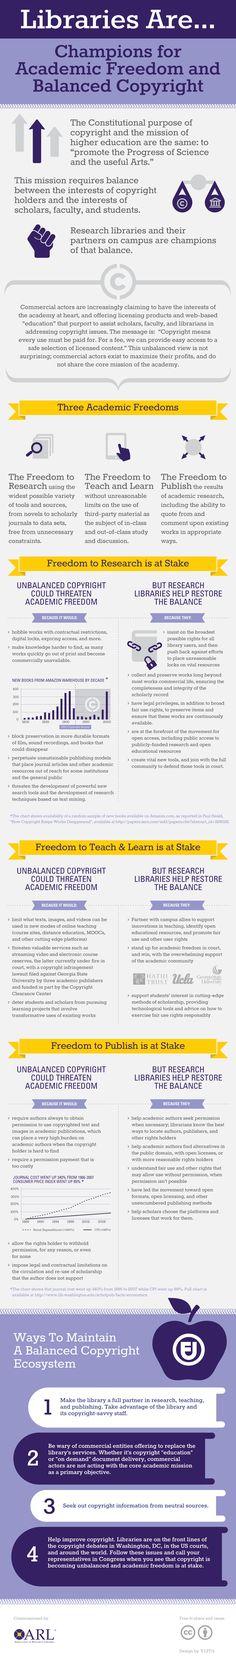 Nueva Infografía: Cómo las bibliotecas son de Campeones para la Libertad Académica y equilibrado Derechos de Autor